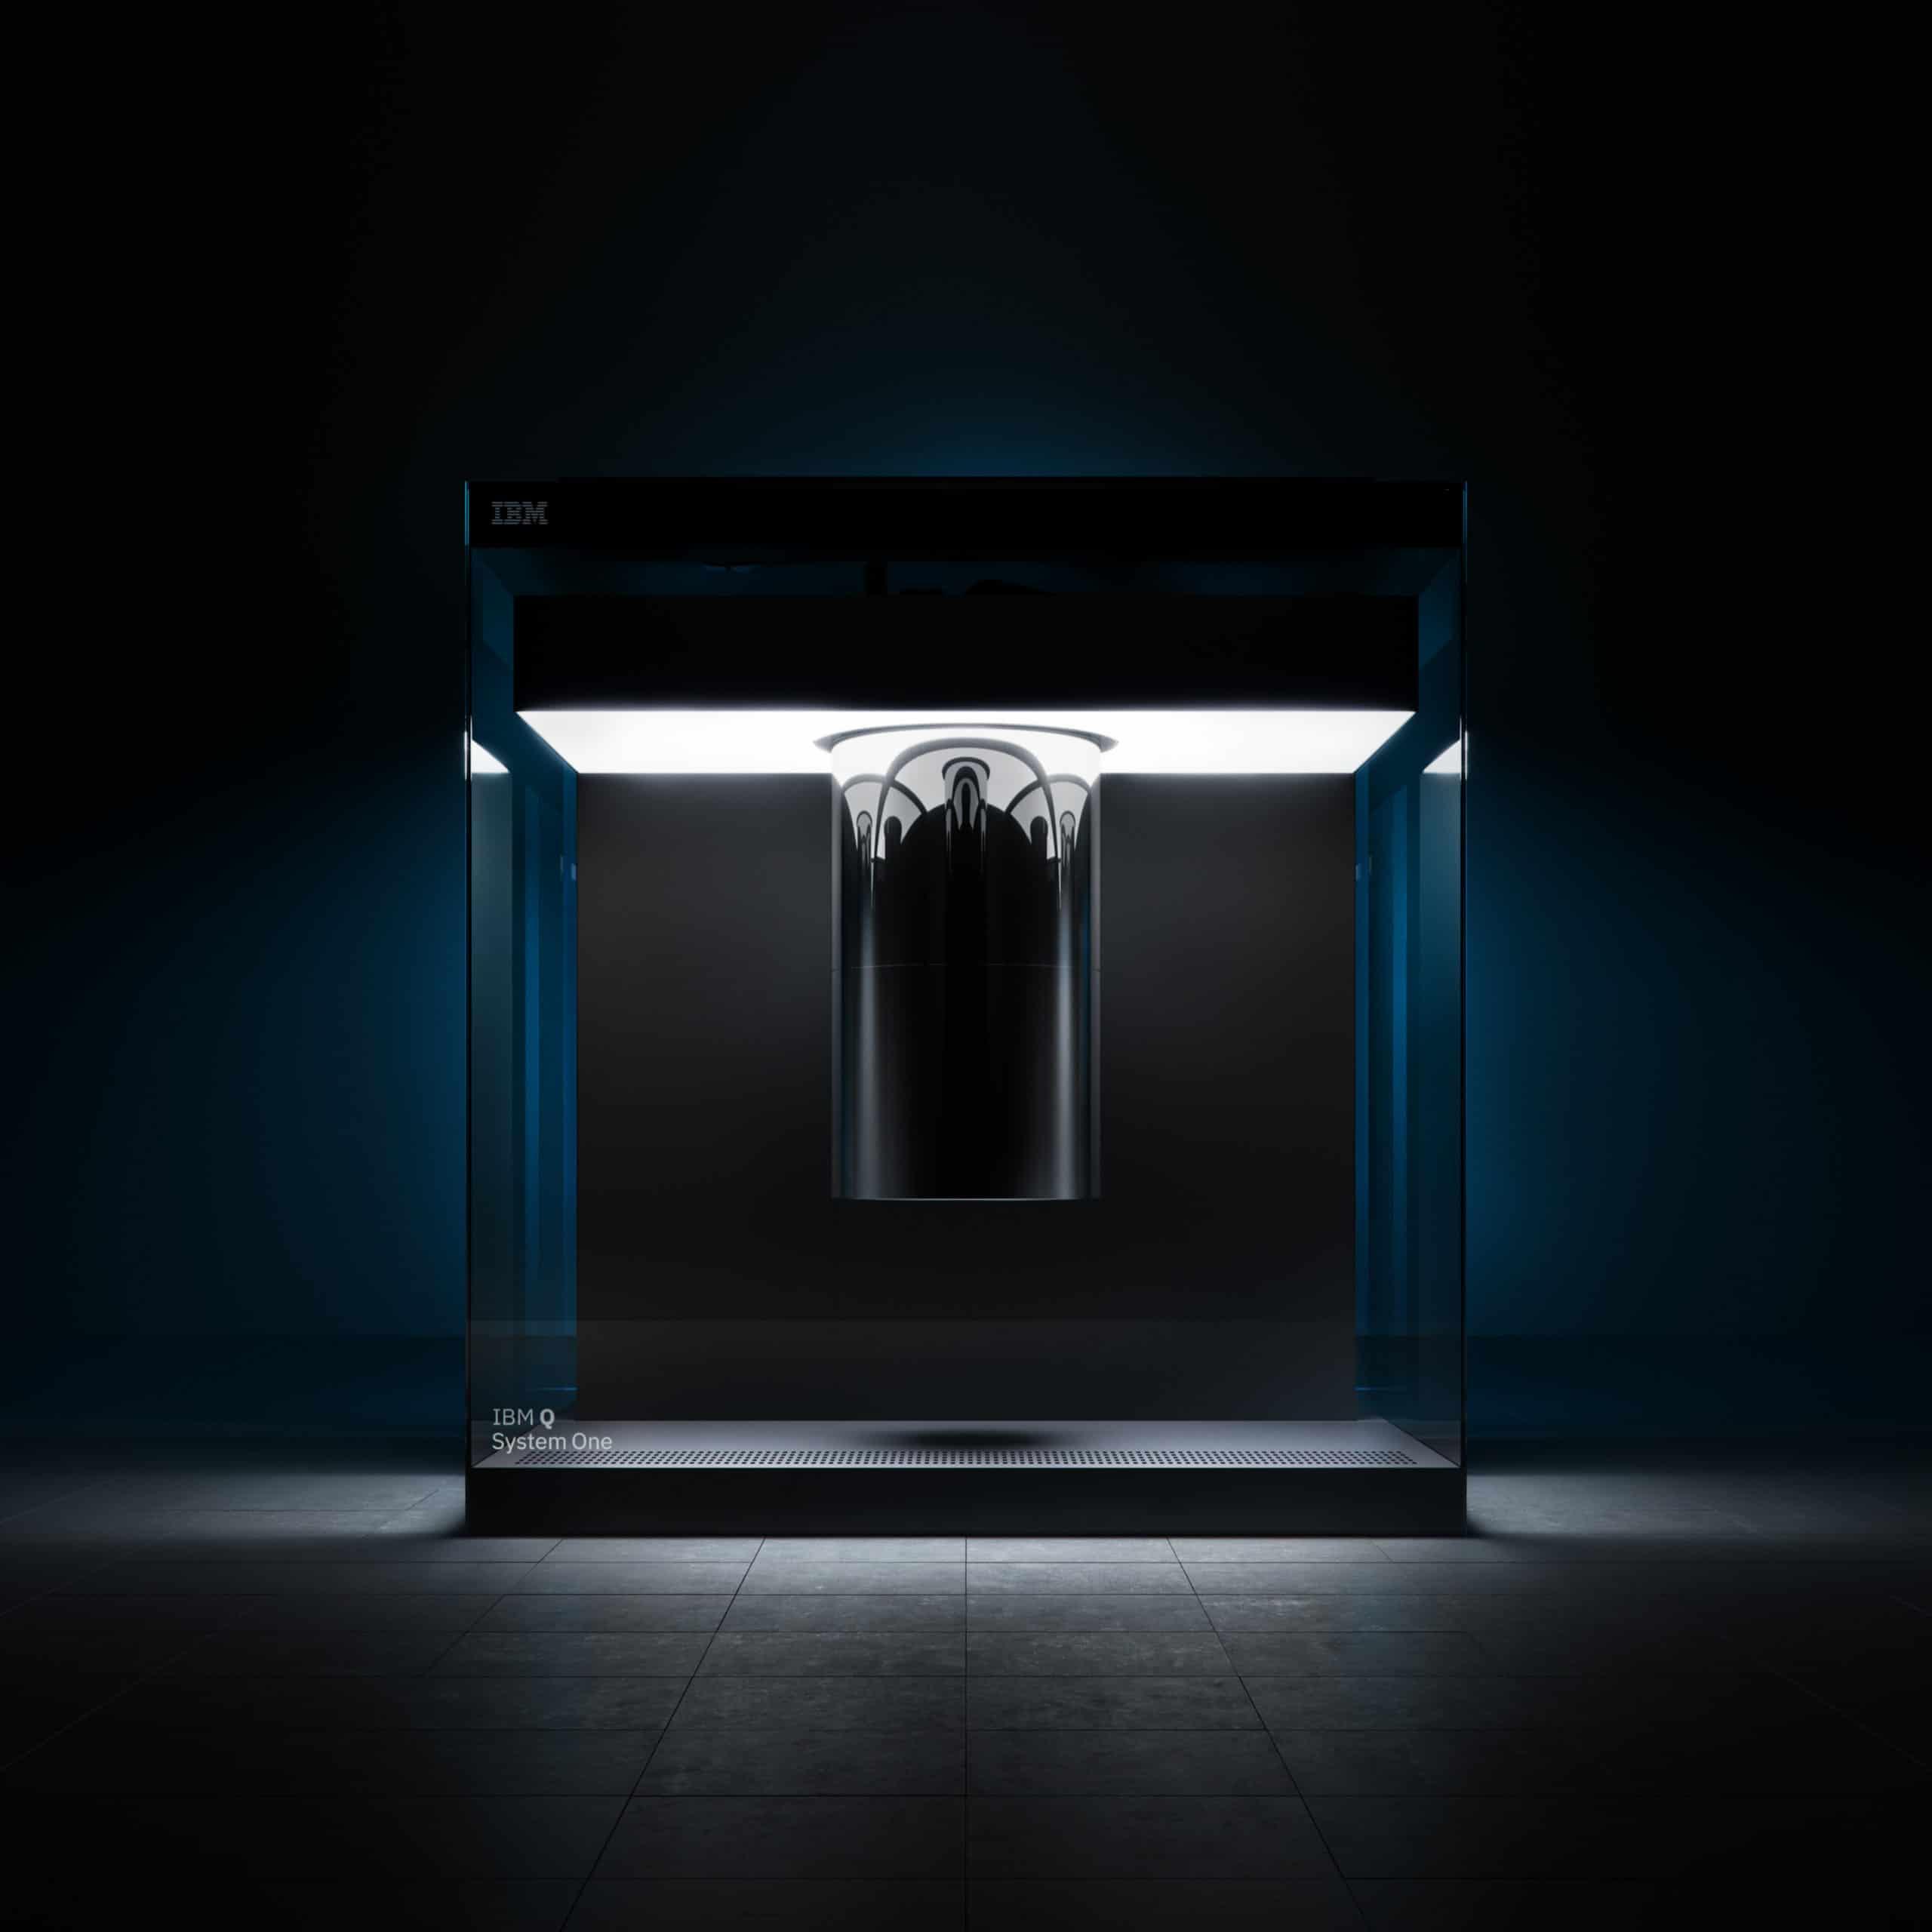 Foto del IBM Quantum System One que será parte de la colaboración entre Cleveland Clinic e IBM